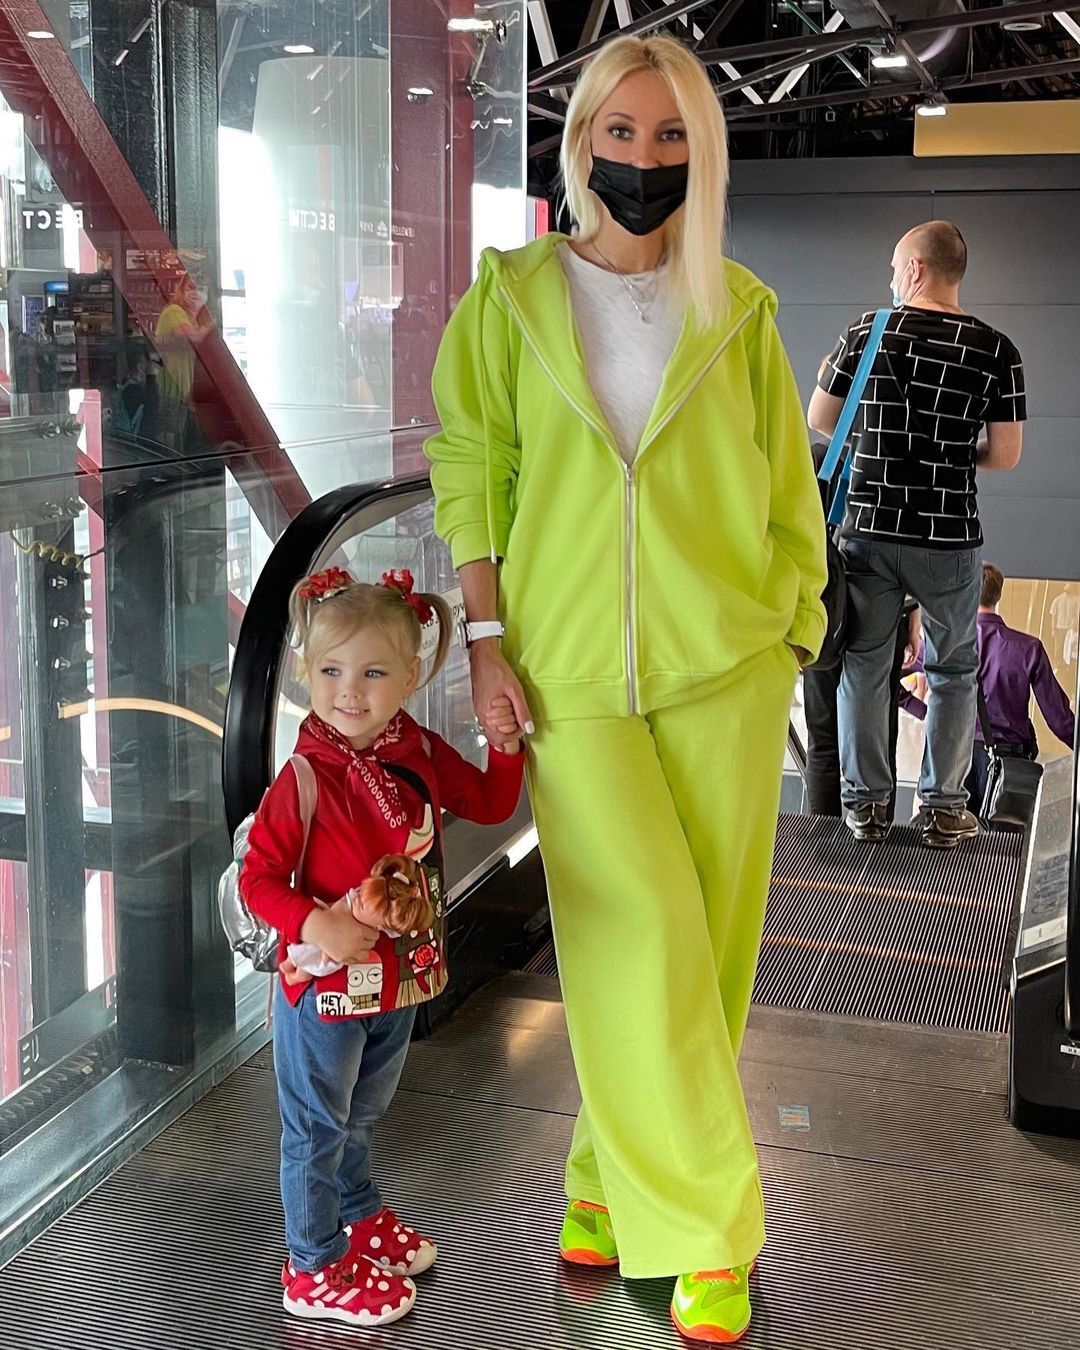 Лера Кудрявцева отправила 2-летнюю дочь в лагерь